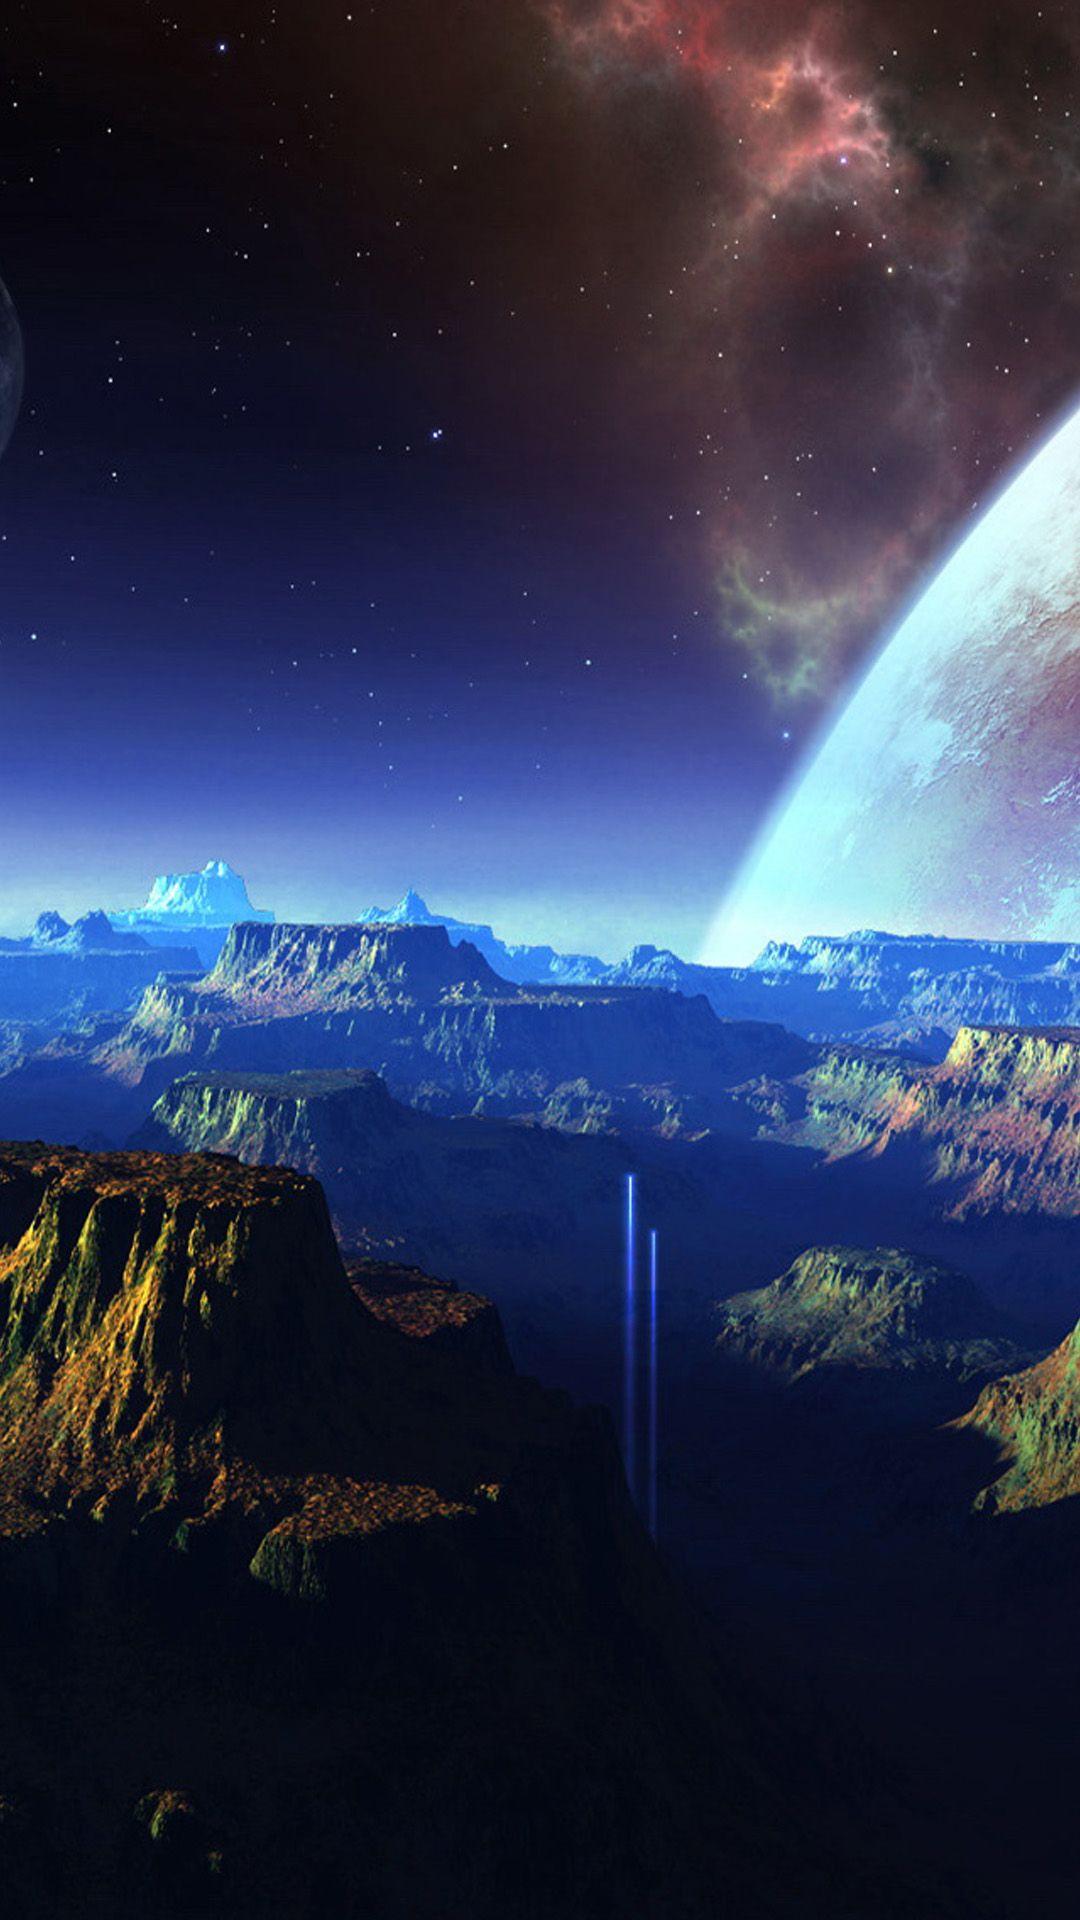 Amazing Wallpaper Mountain Galaxy S5 - 2a07766186bd9ebebbcebfaac585bddd  Collection_39486.jpg